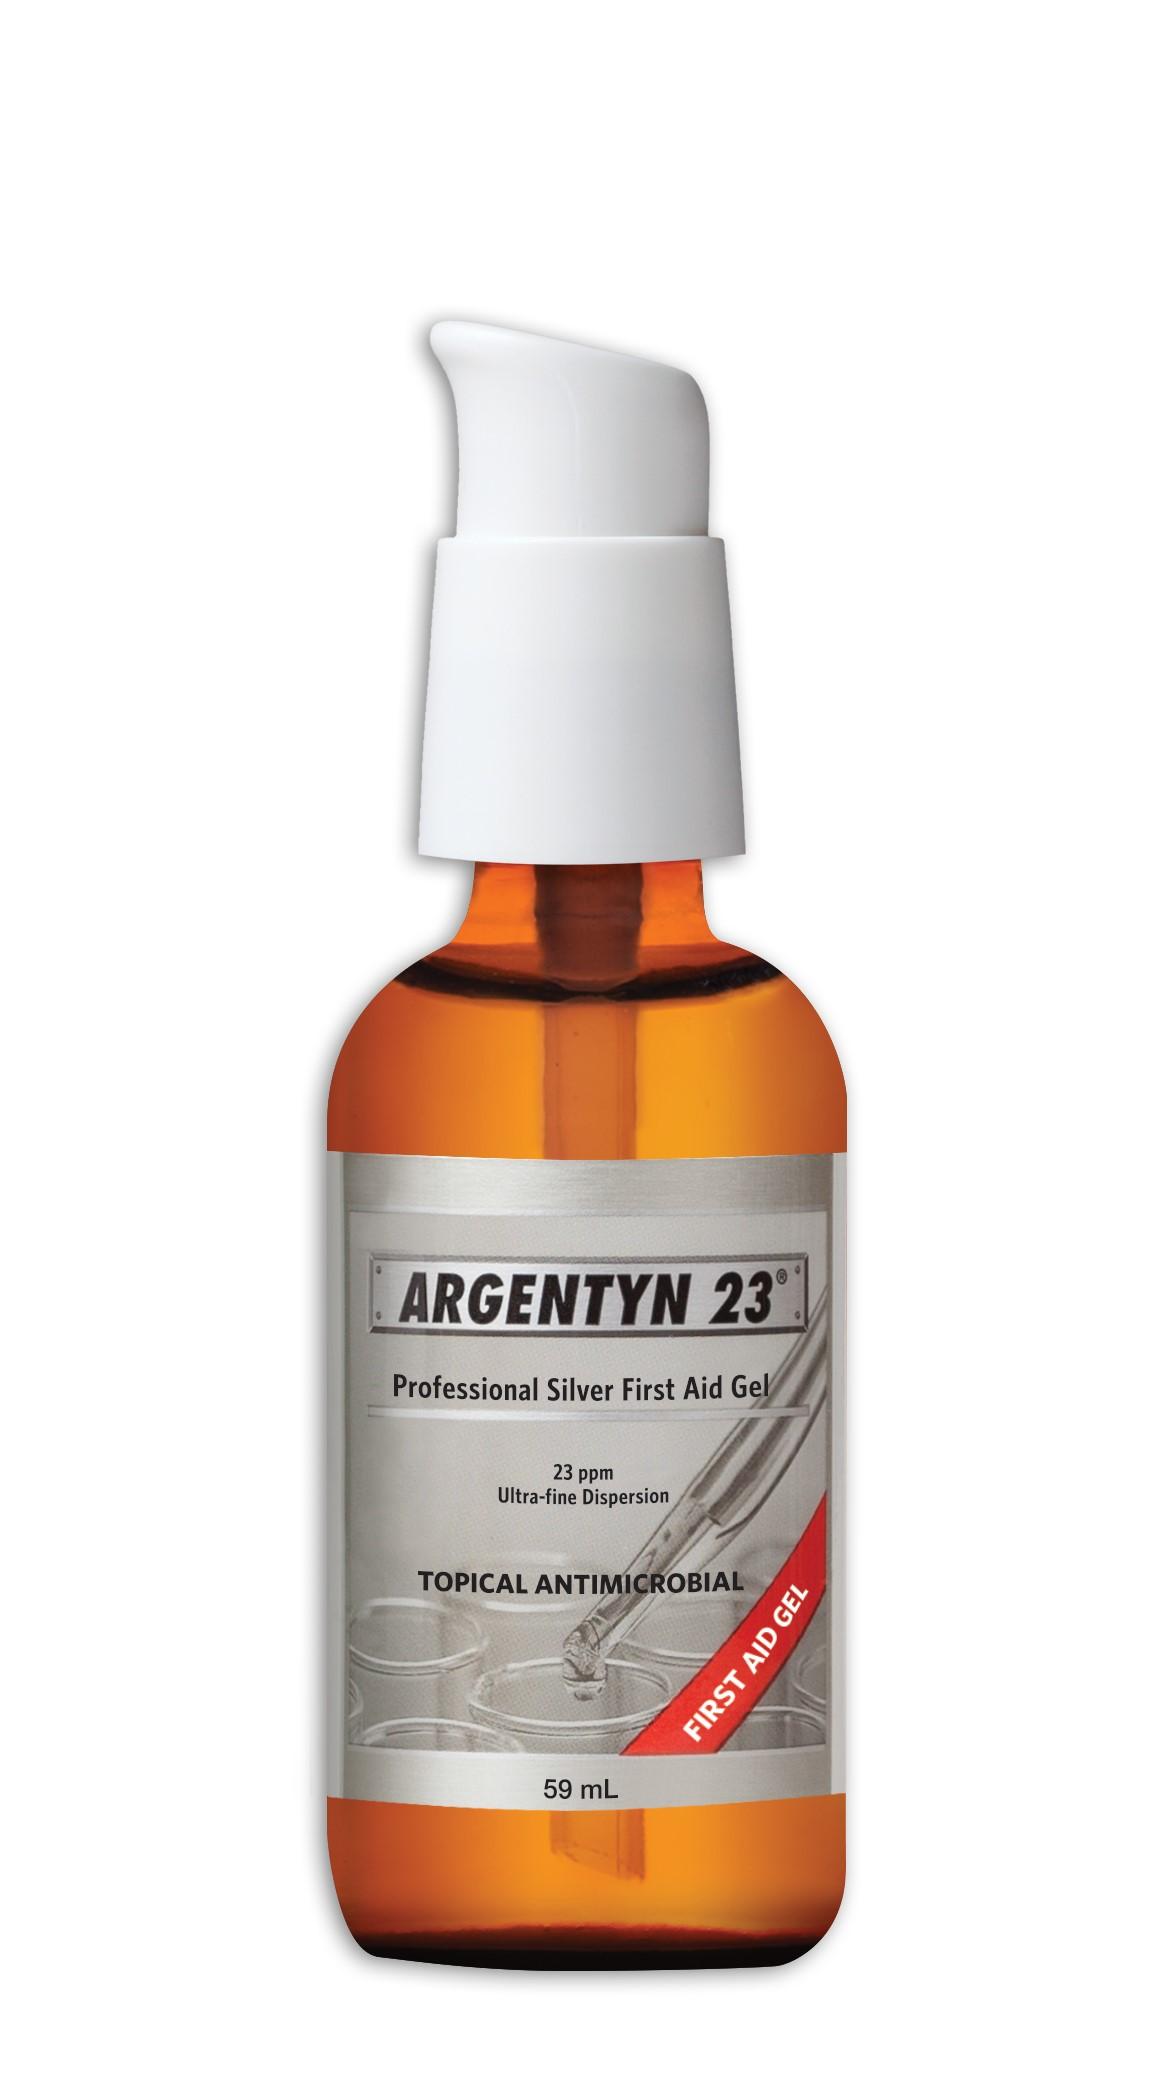 Argentyn 23 First Aid Gel 59ml